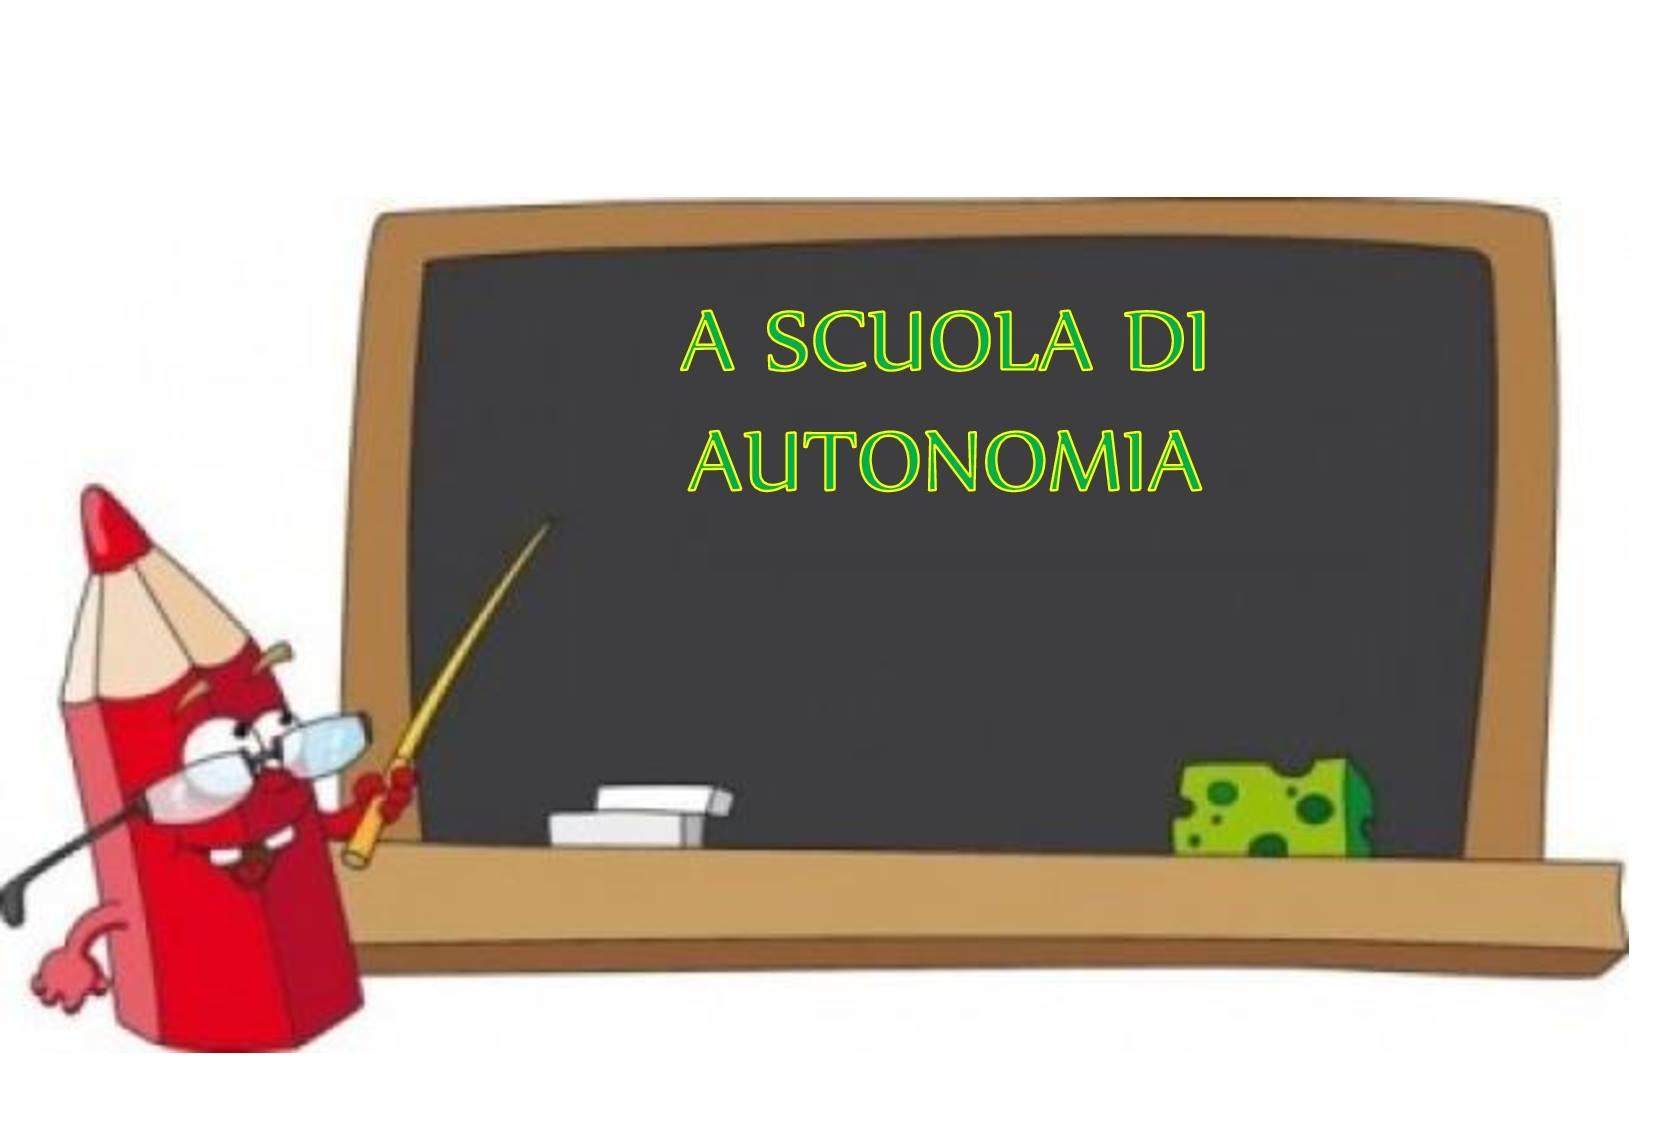 A SCUOLA DI AUTONOMIA